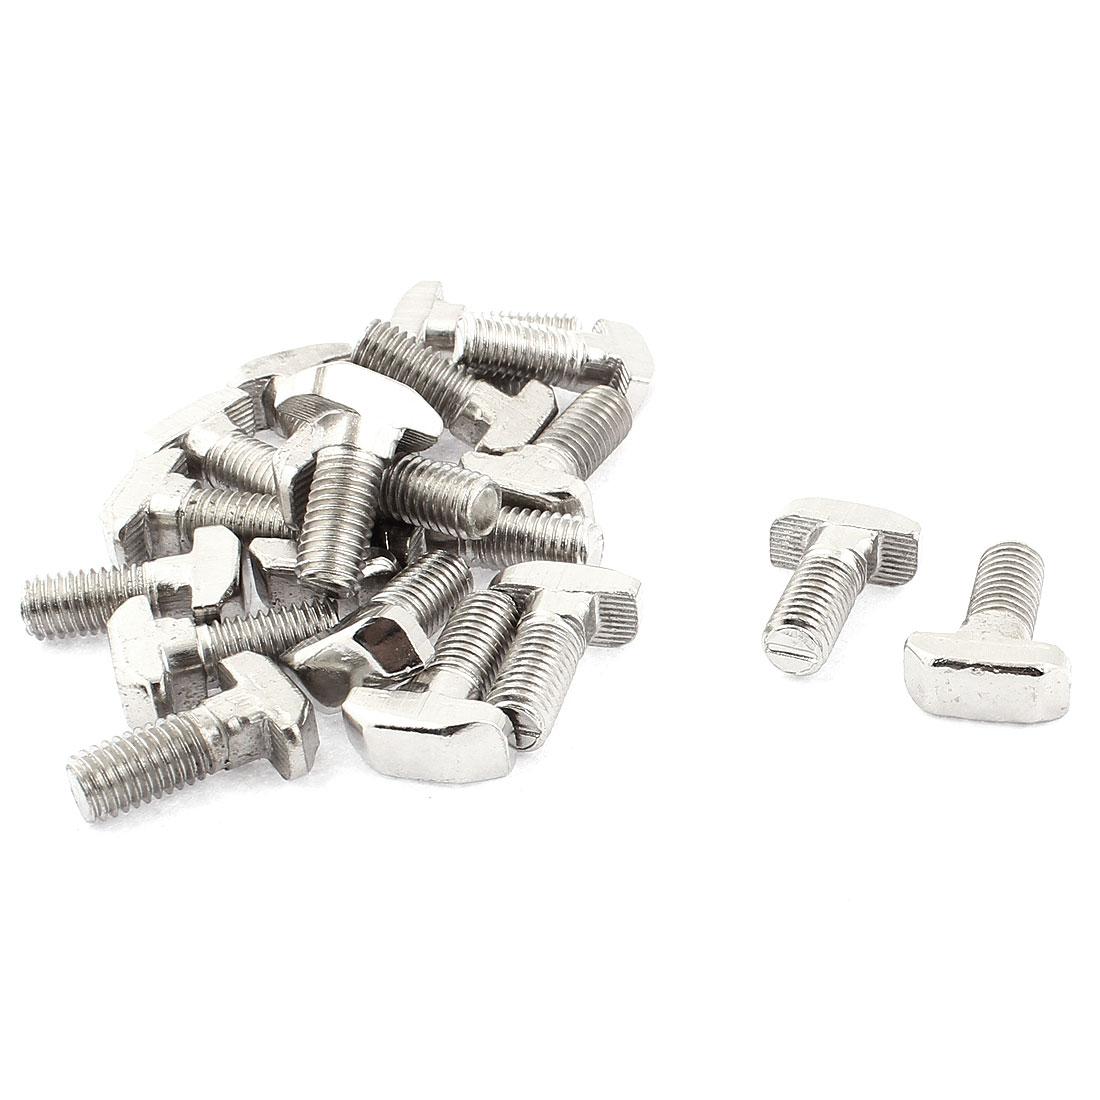 M8 x 20mm Metal T Slot Drop-in Stud Sliding Bolt Screw Silver Tone 20pcs